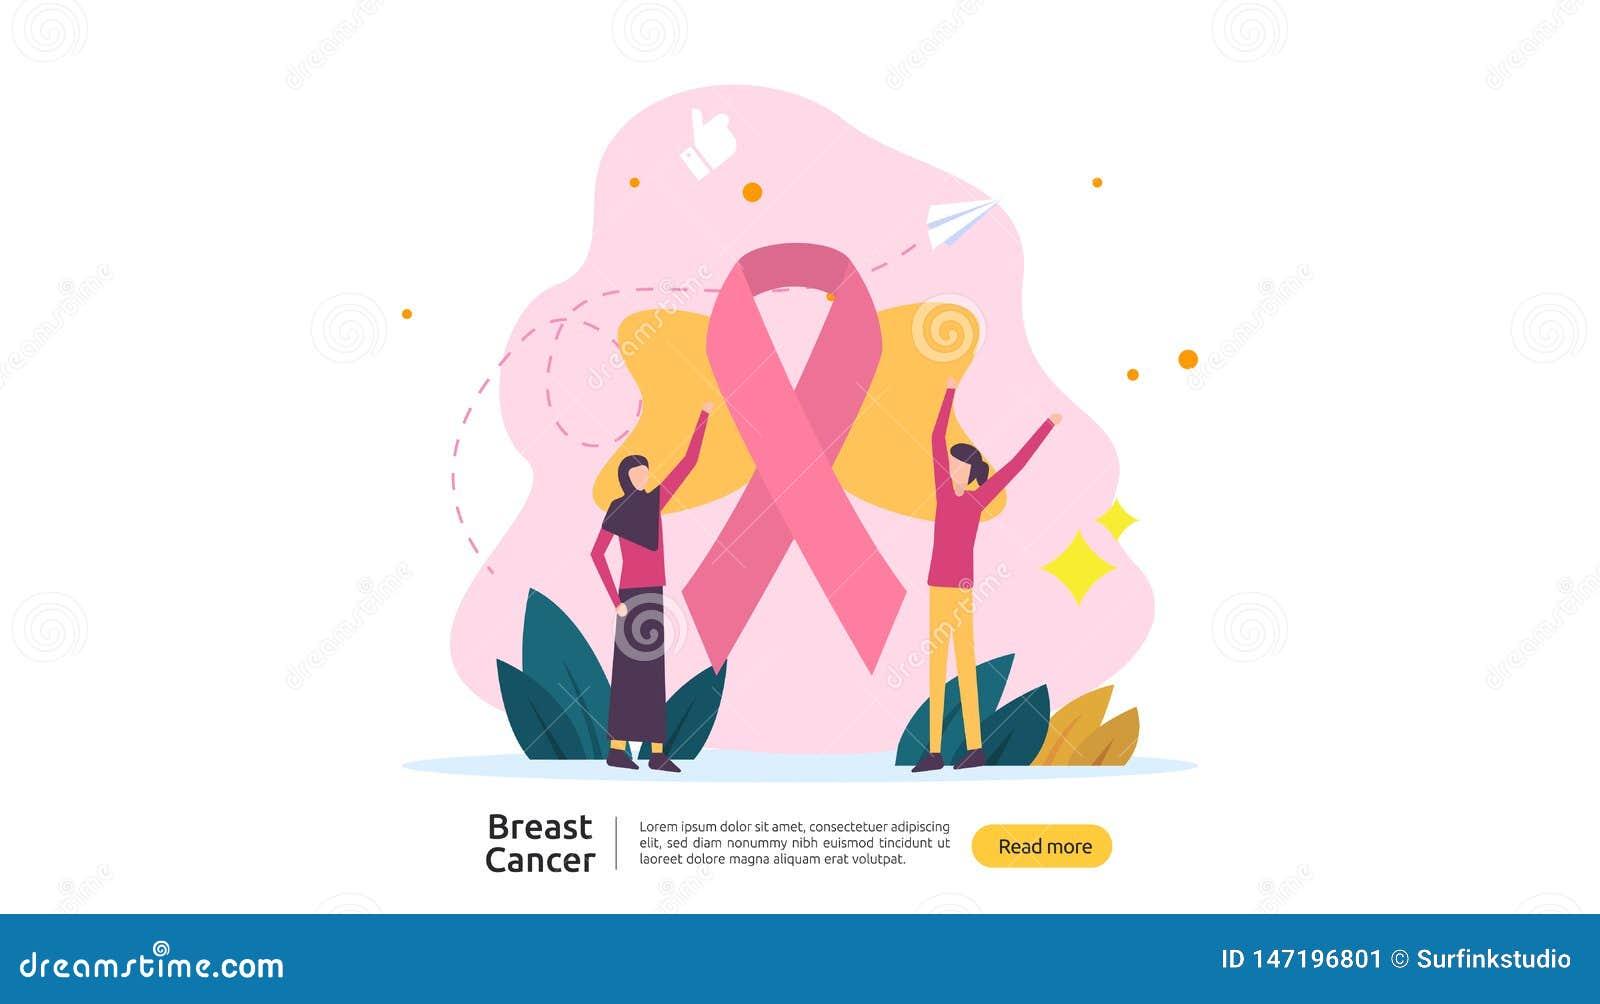 έννοια μήνα συνειδητοποίησης ημέρας καρκίνου του μαστού με τη ρόδινη κορδέλλα και θηλυκός χαρακτήρας κινουμένων σχεδίων μαζί για